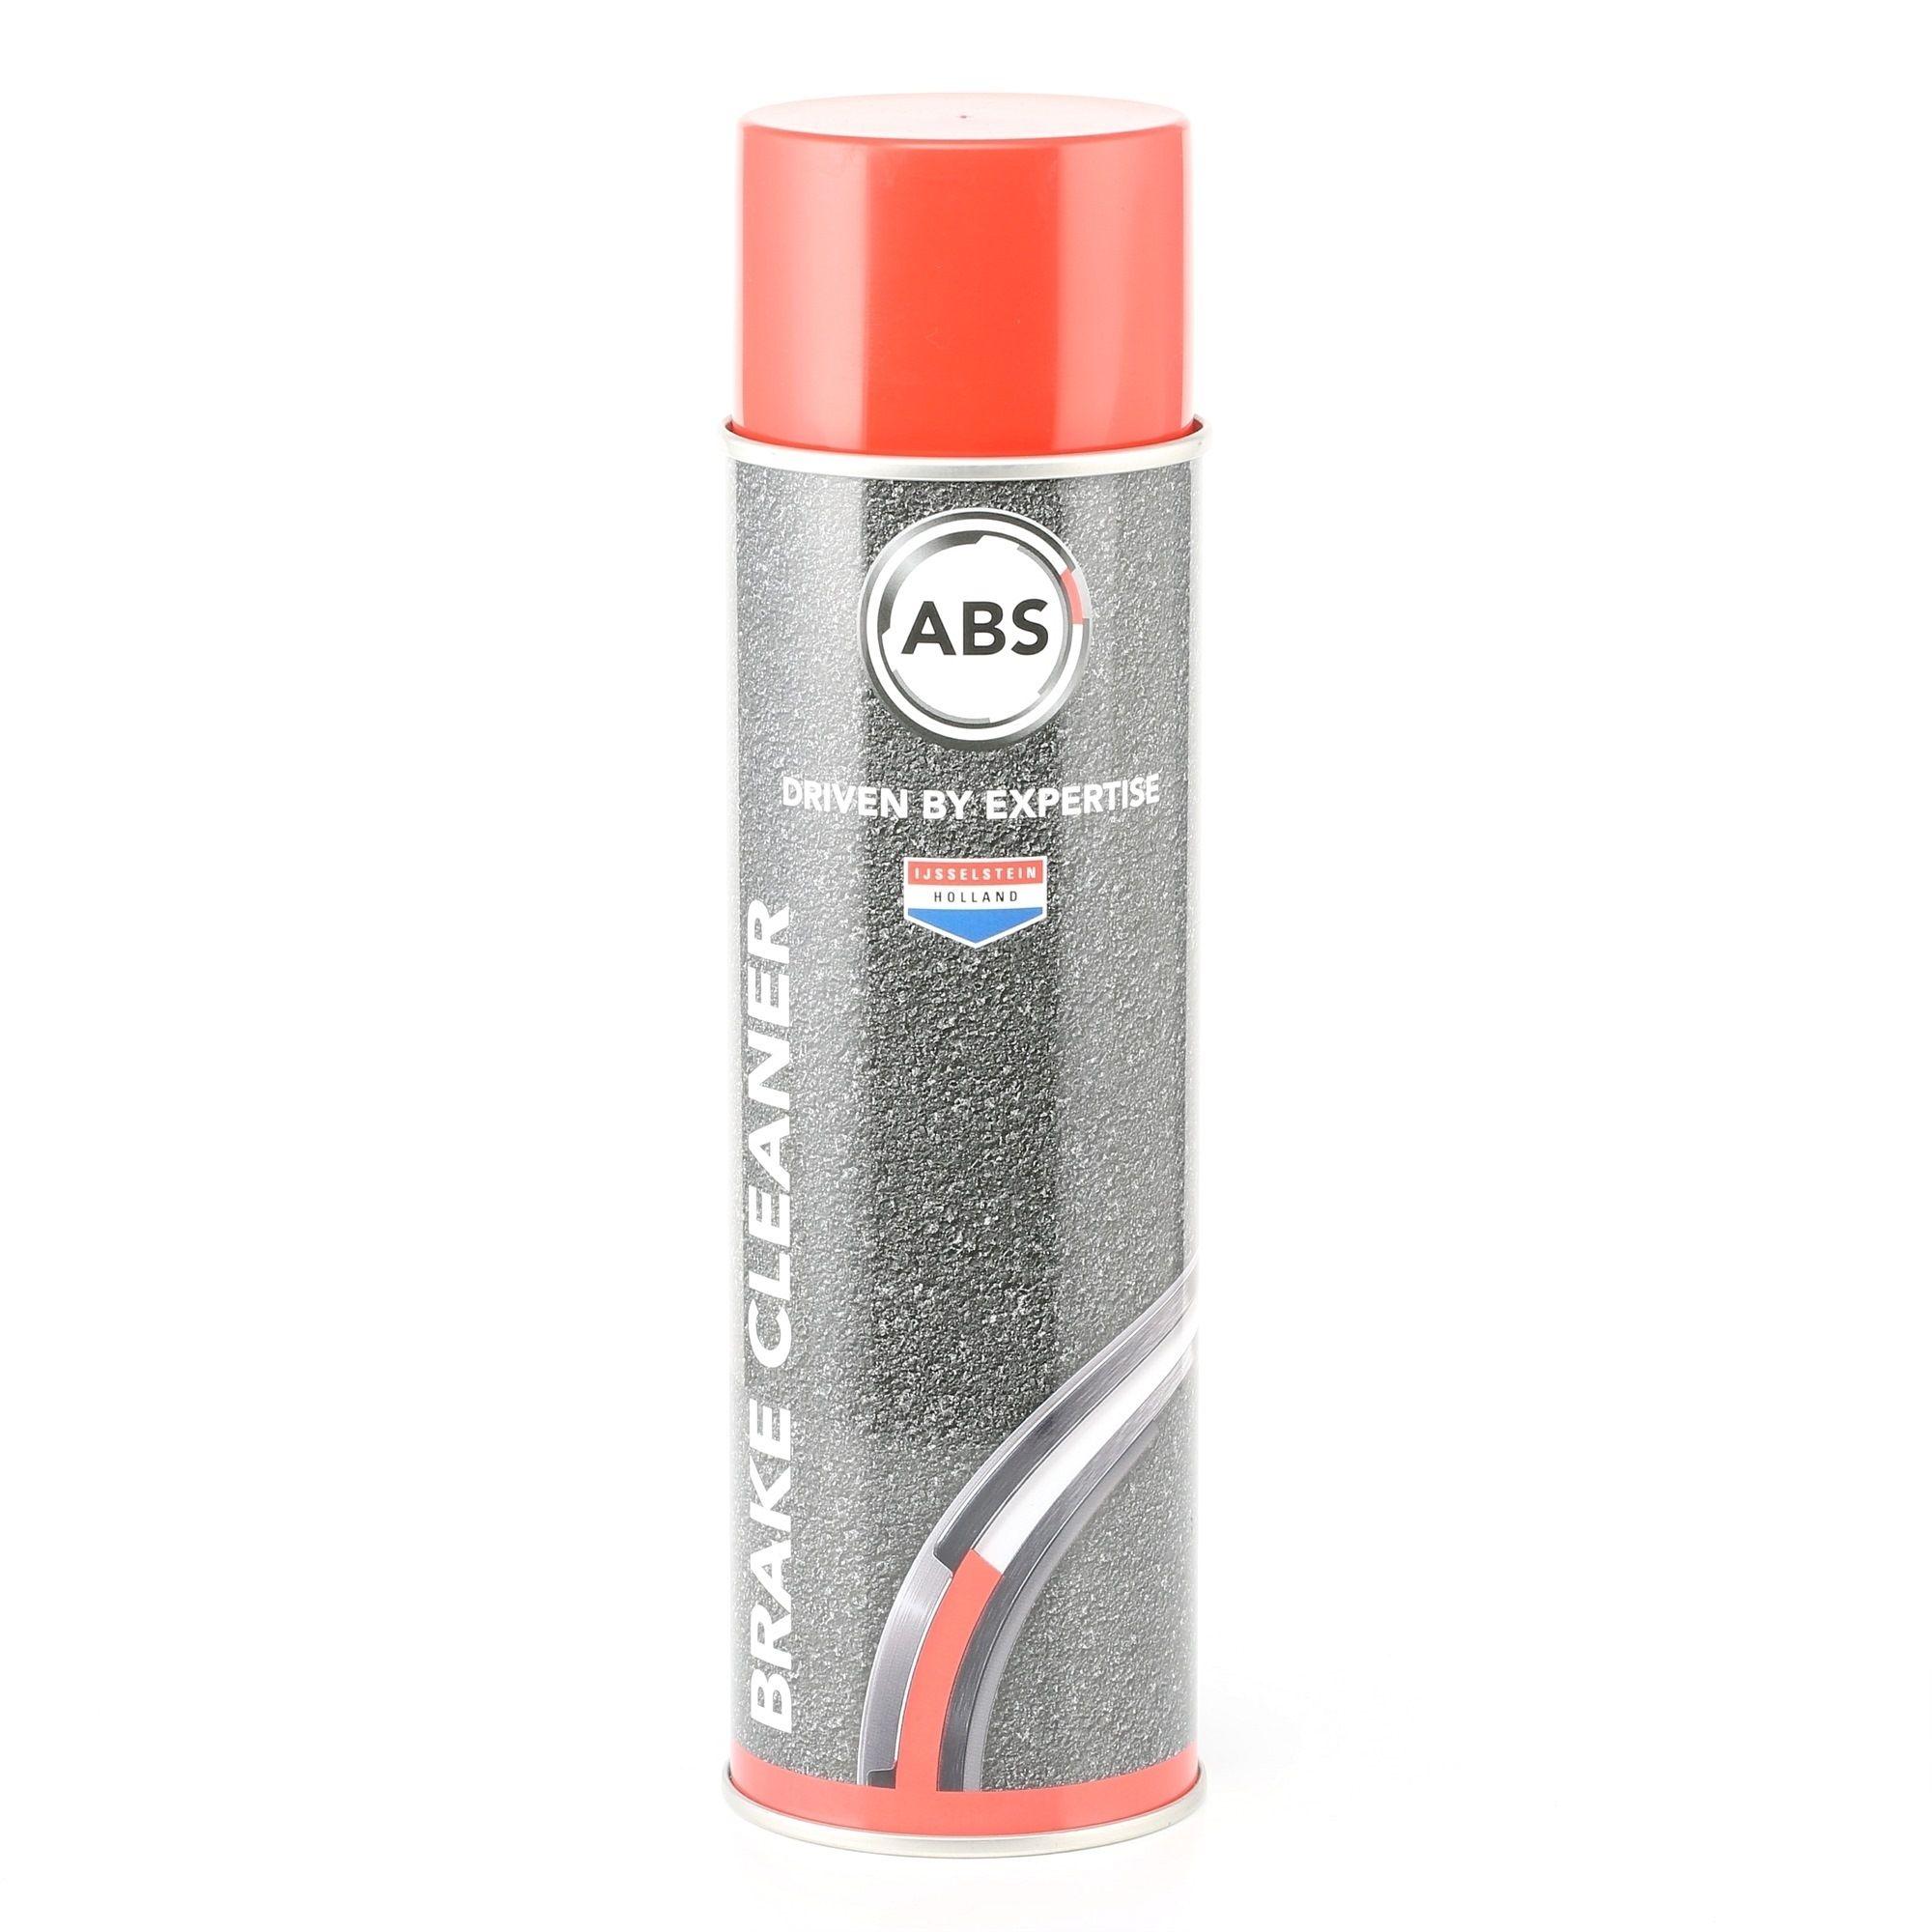 Fék- / kuplung tisztító A.B.S. 7510 értékelés